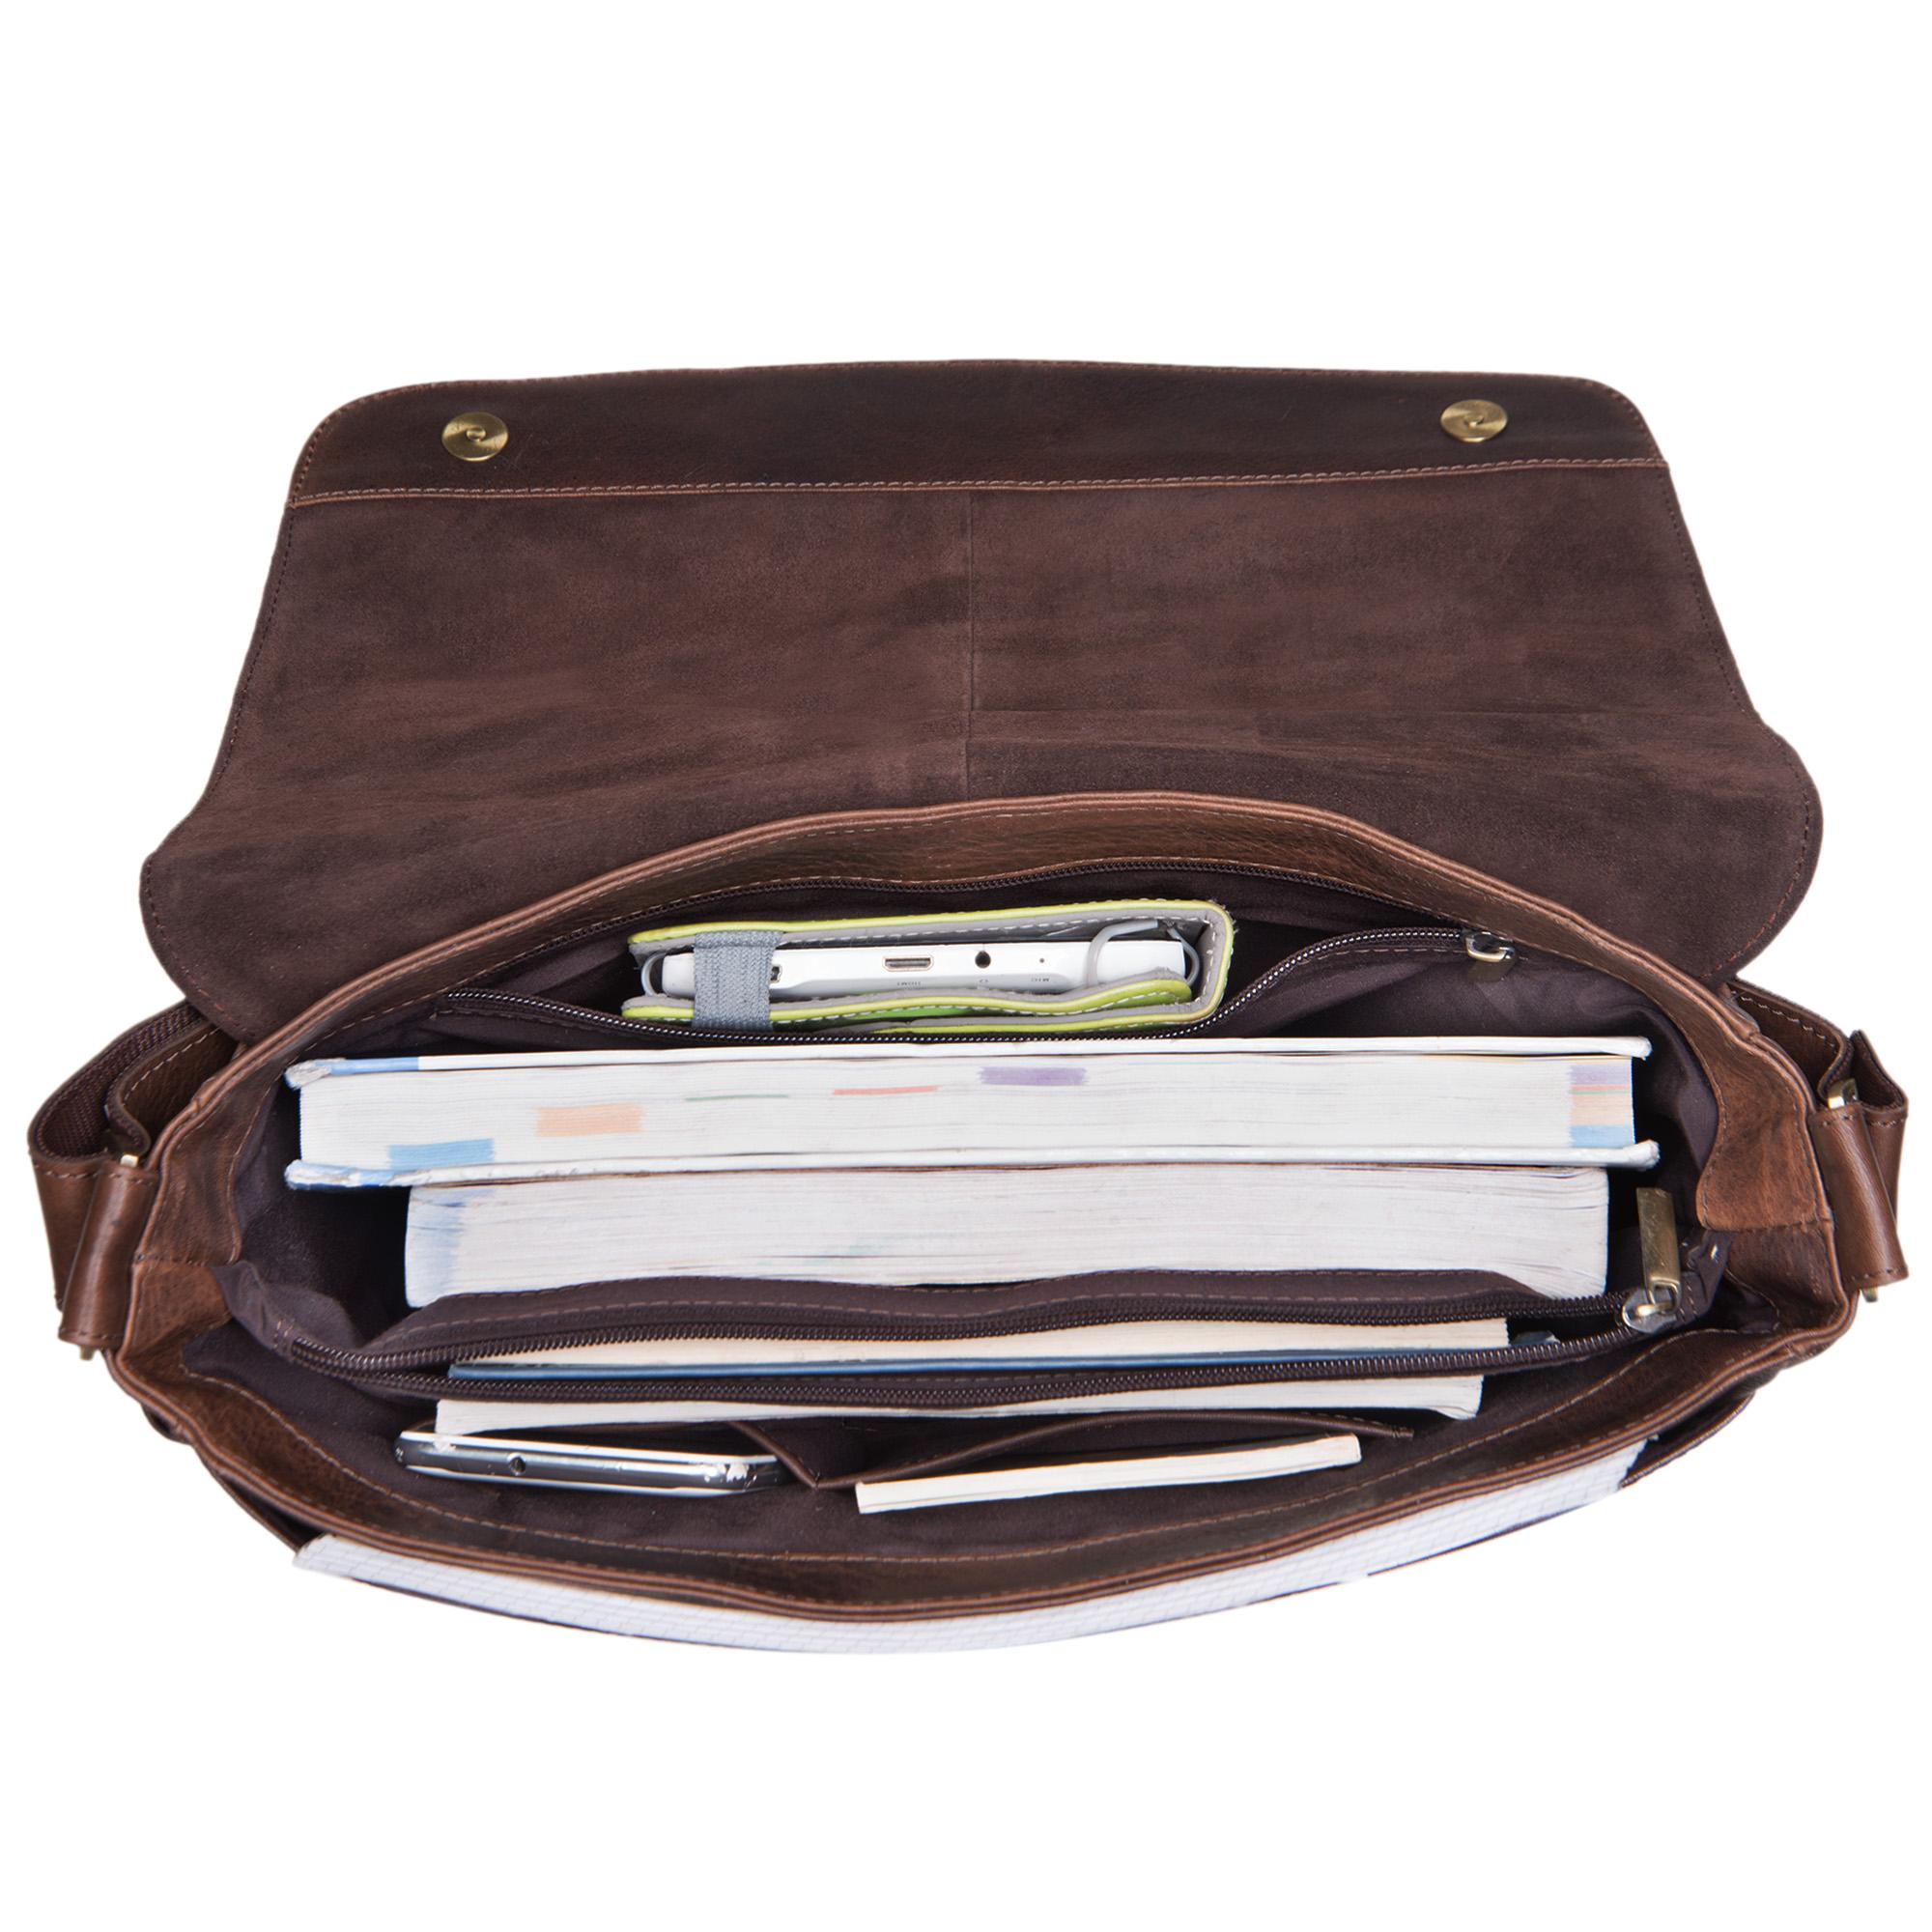 """STILORD """"Miro"""" Messenger Bag Leder Umhängetasche 14 Zoll Vintage Design für Herren Damen Uni Büro Arbeit Aktentasche DIN A4 Laptoptasche Echtleder - Bild 5"""